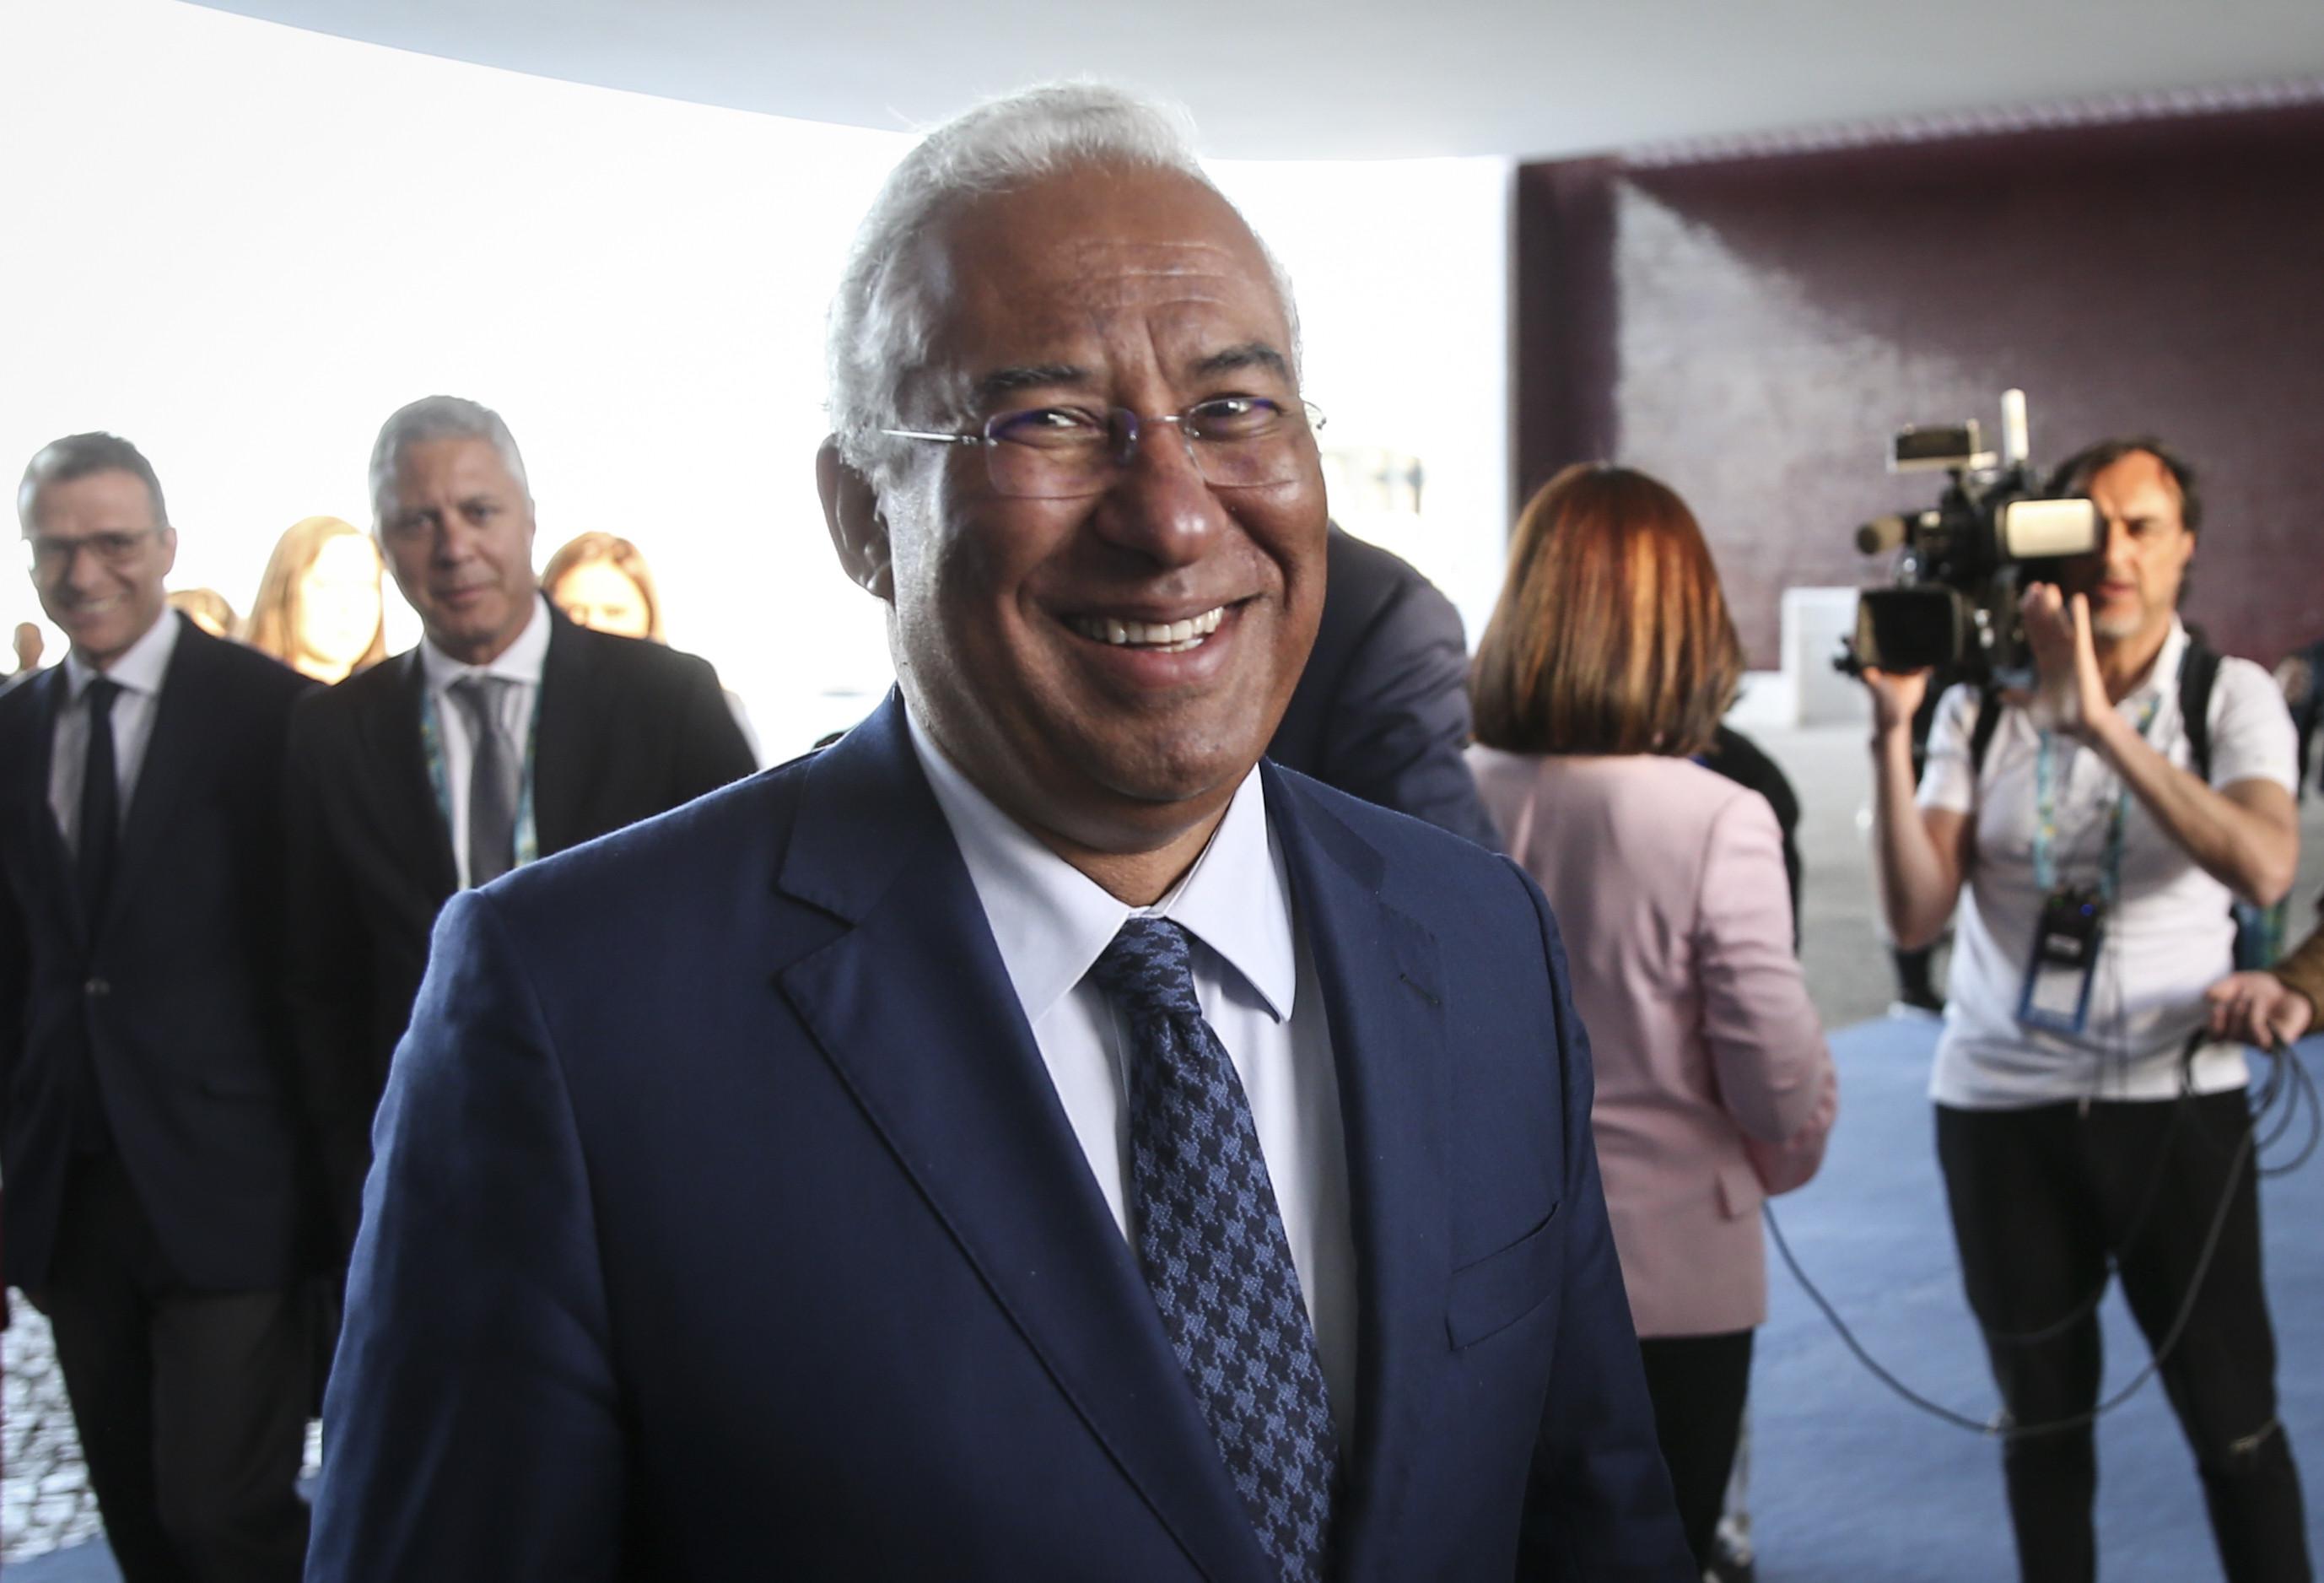 Costa anuncia estratégia ibérica para desenvolvimento transfronteiriço